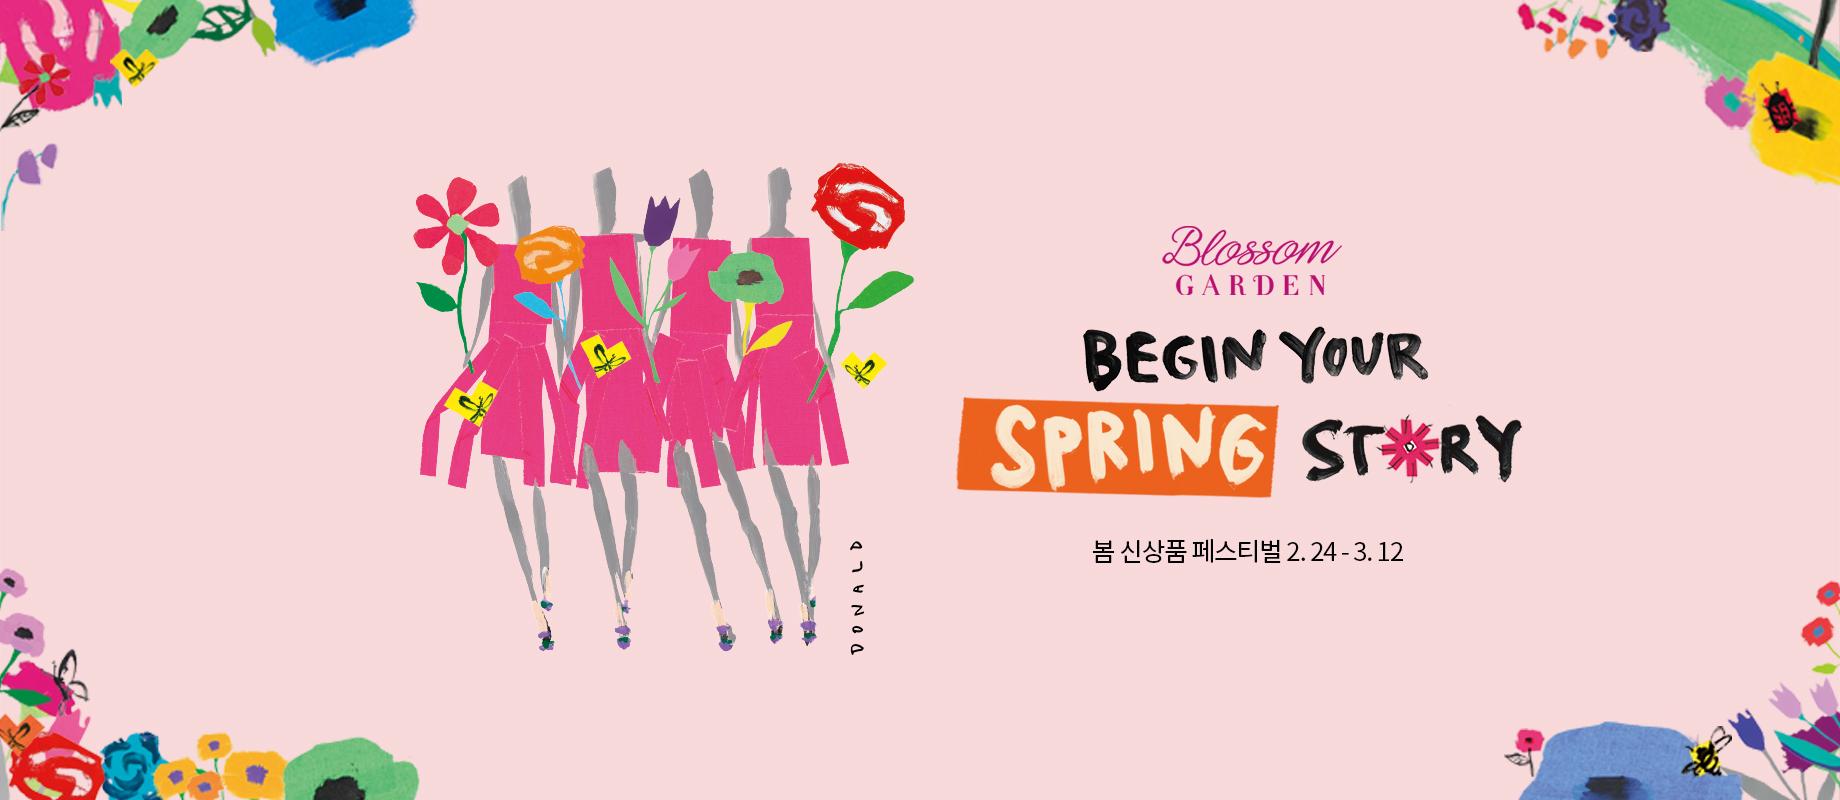 0224 봄신상품(Begin your spring story)